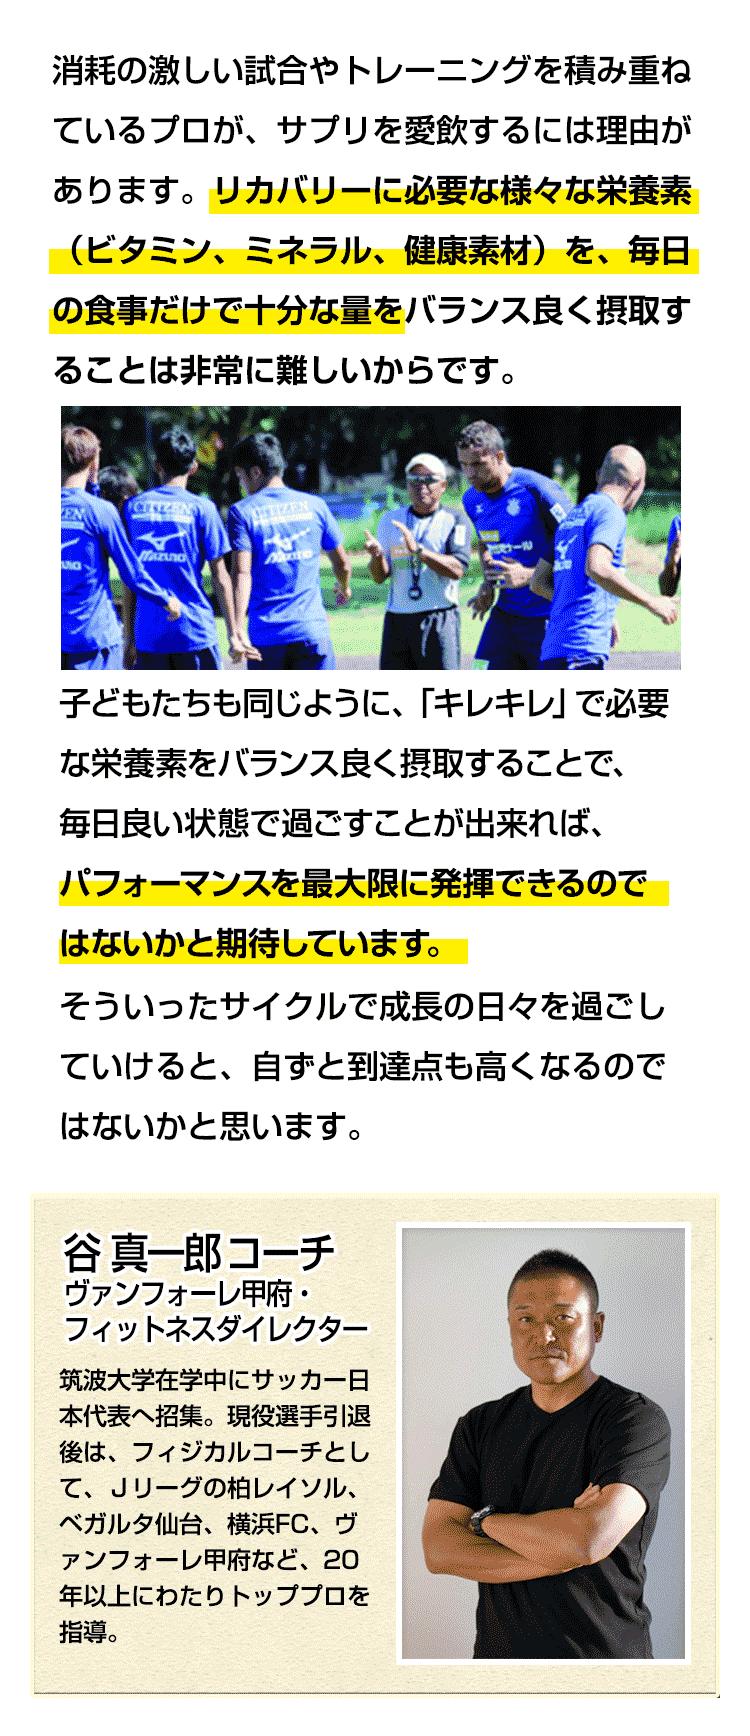 谷 真一郎コーチヴァンフォーレ甲府・フィットネスダイレクター